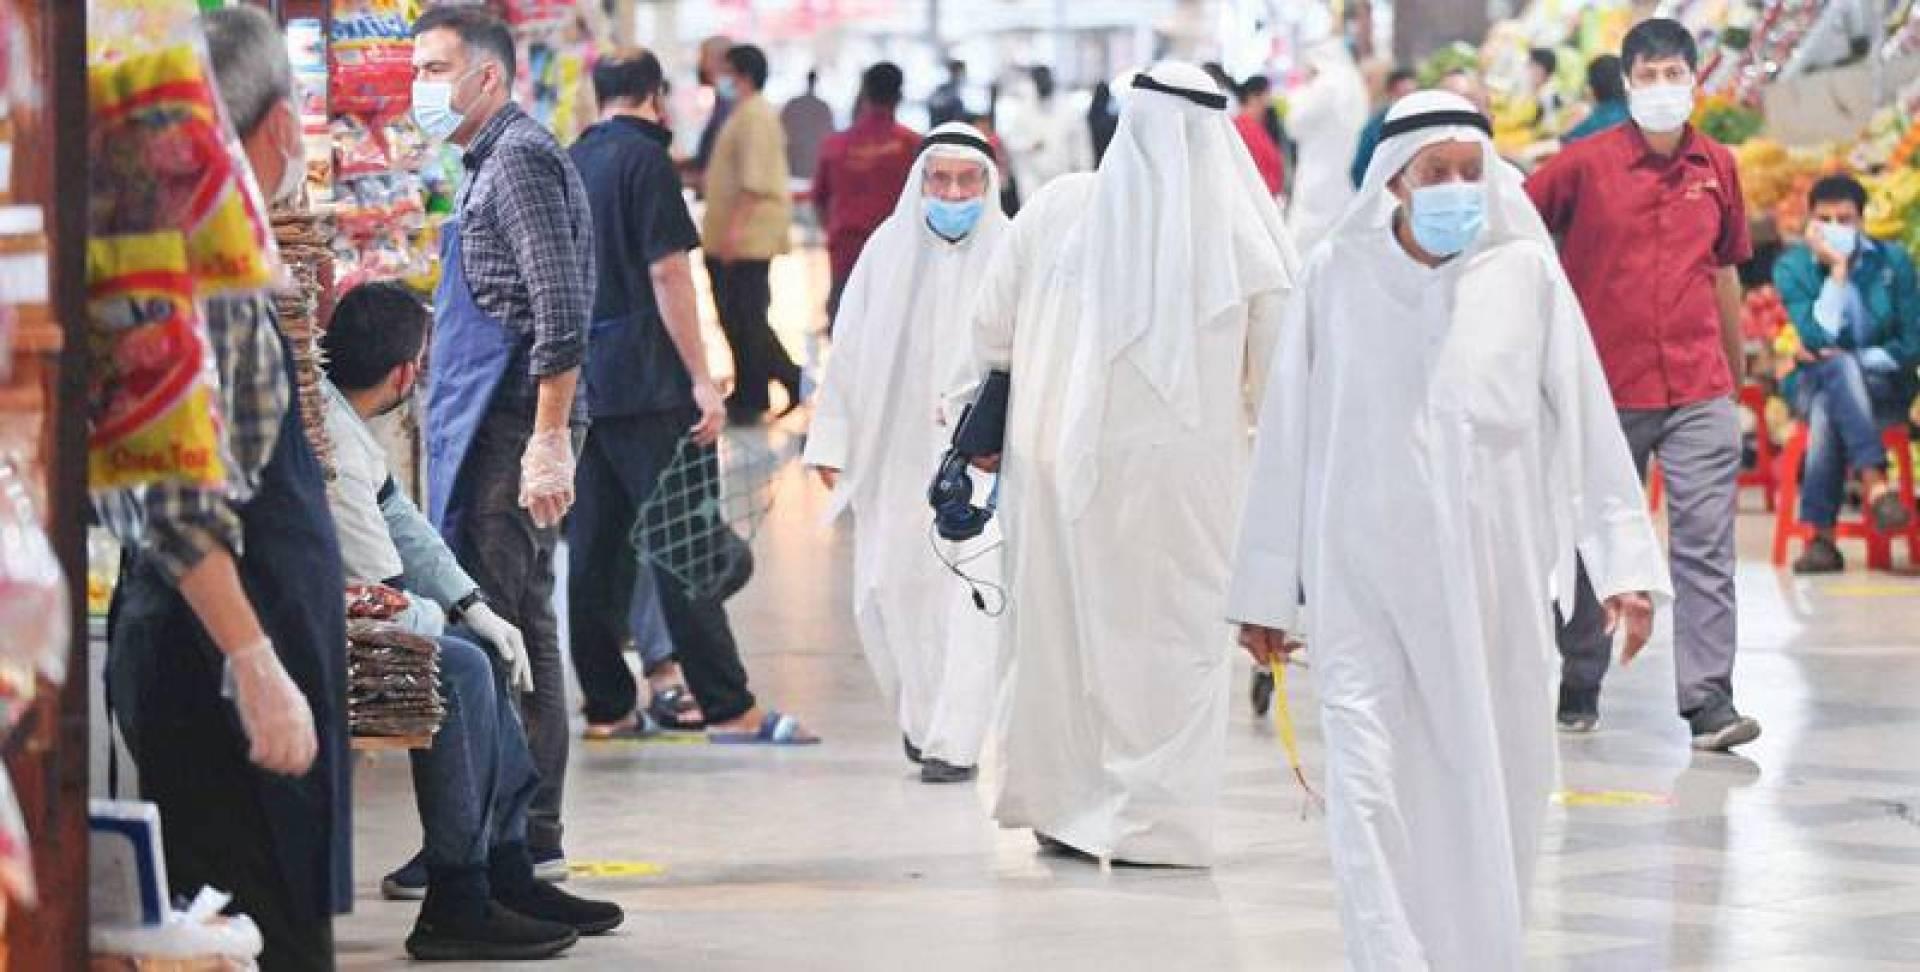 التزام بالكمامات في أسواق المباركية (تصوير: محمود الفوريكي)